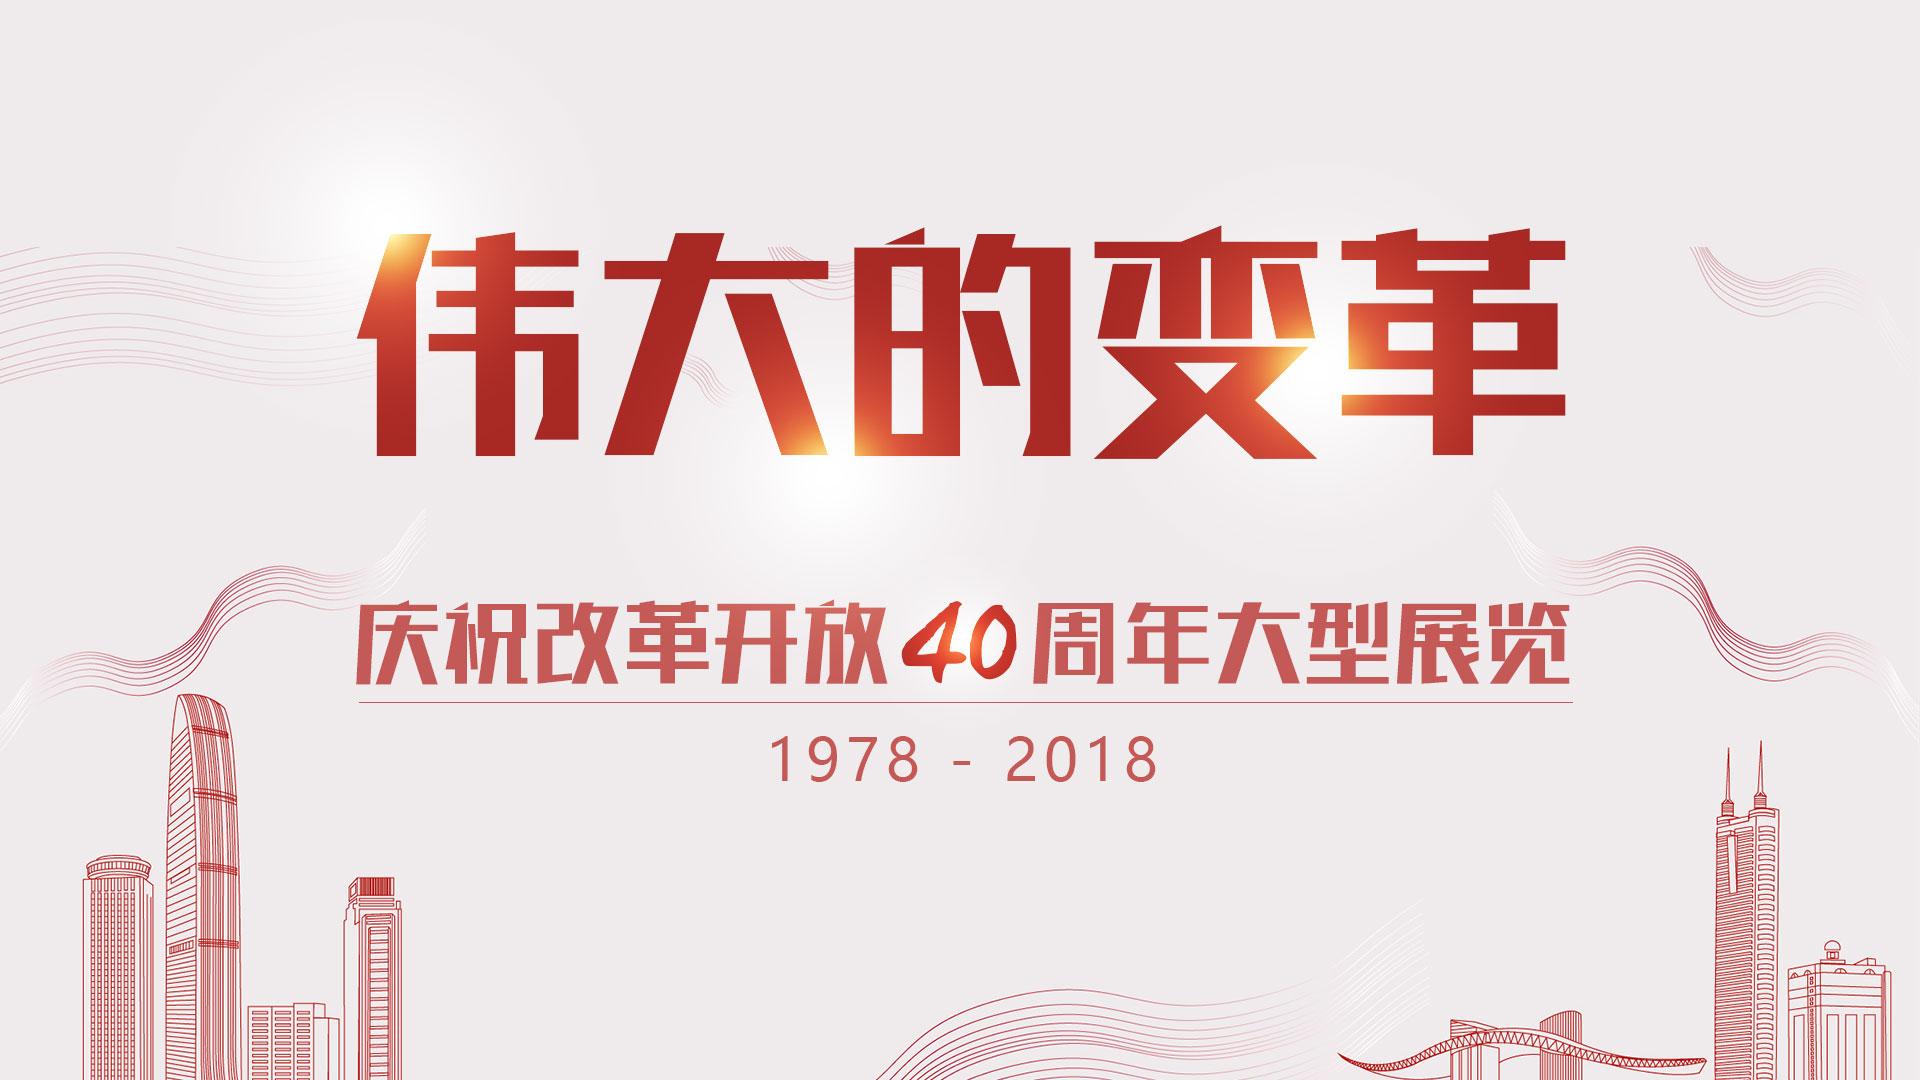 伟大的变革——庆祝40周年展览